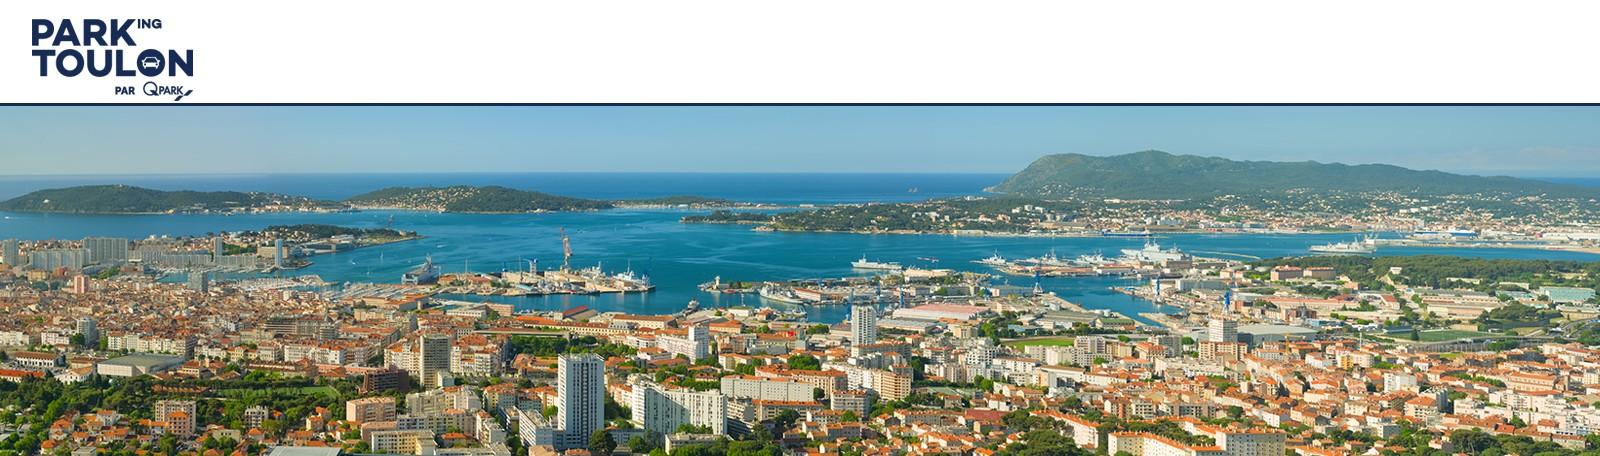 Bons plans à Toulon !